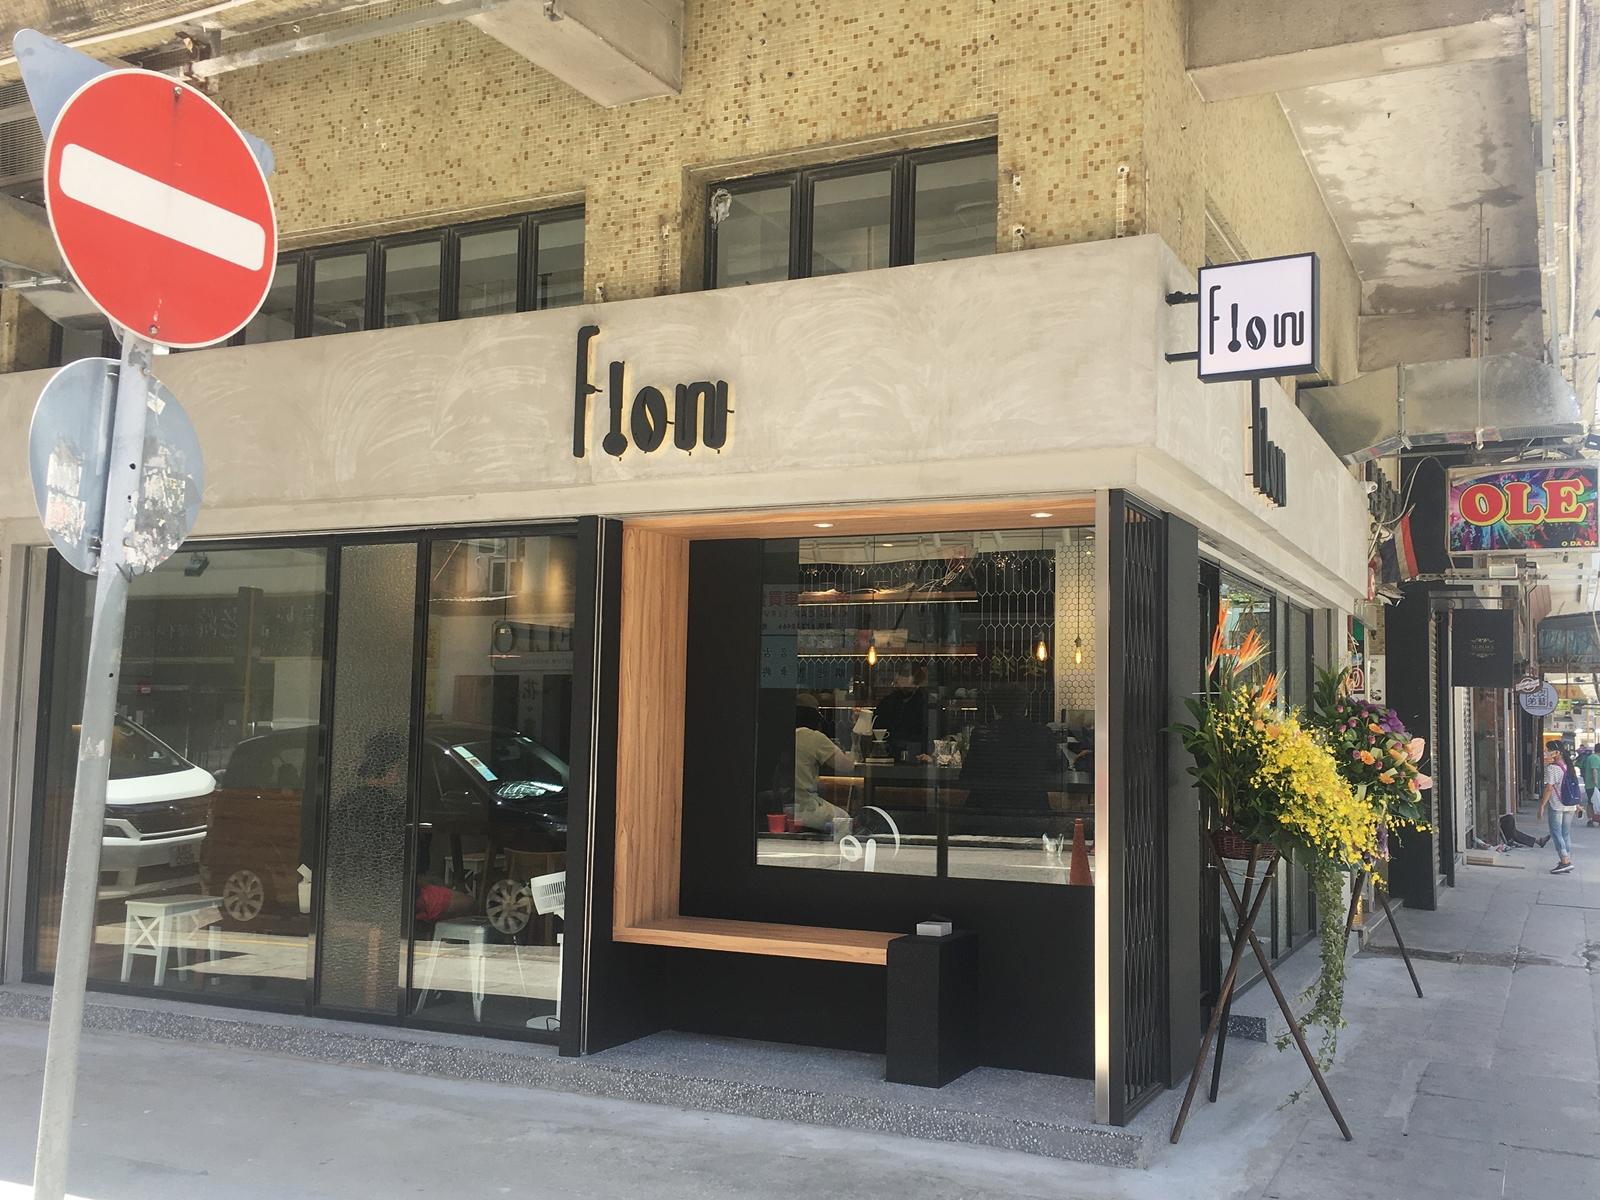 [香港咖啡店] 深水埗Cafe   Flow coffee bar:主打手沖咖啡 細嚐咖啡豆風味   《早餐女皇之蔬食日常》